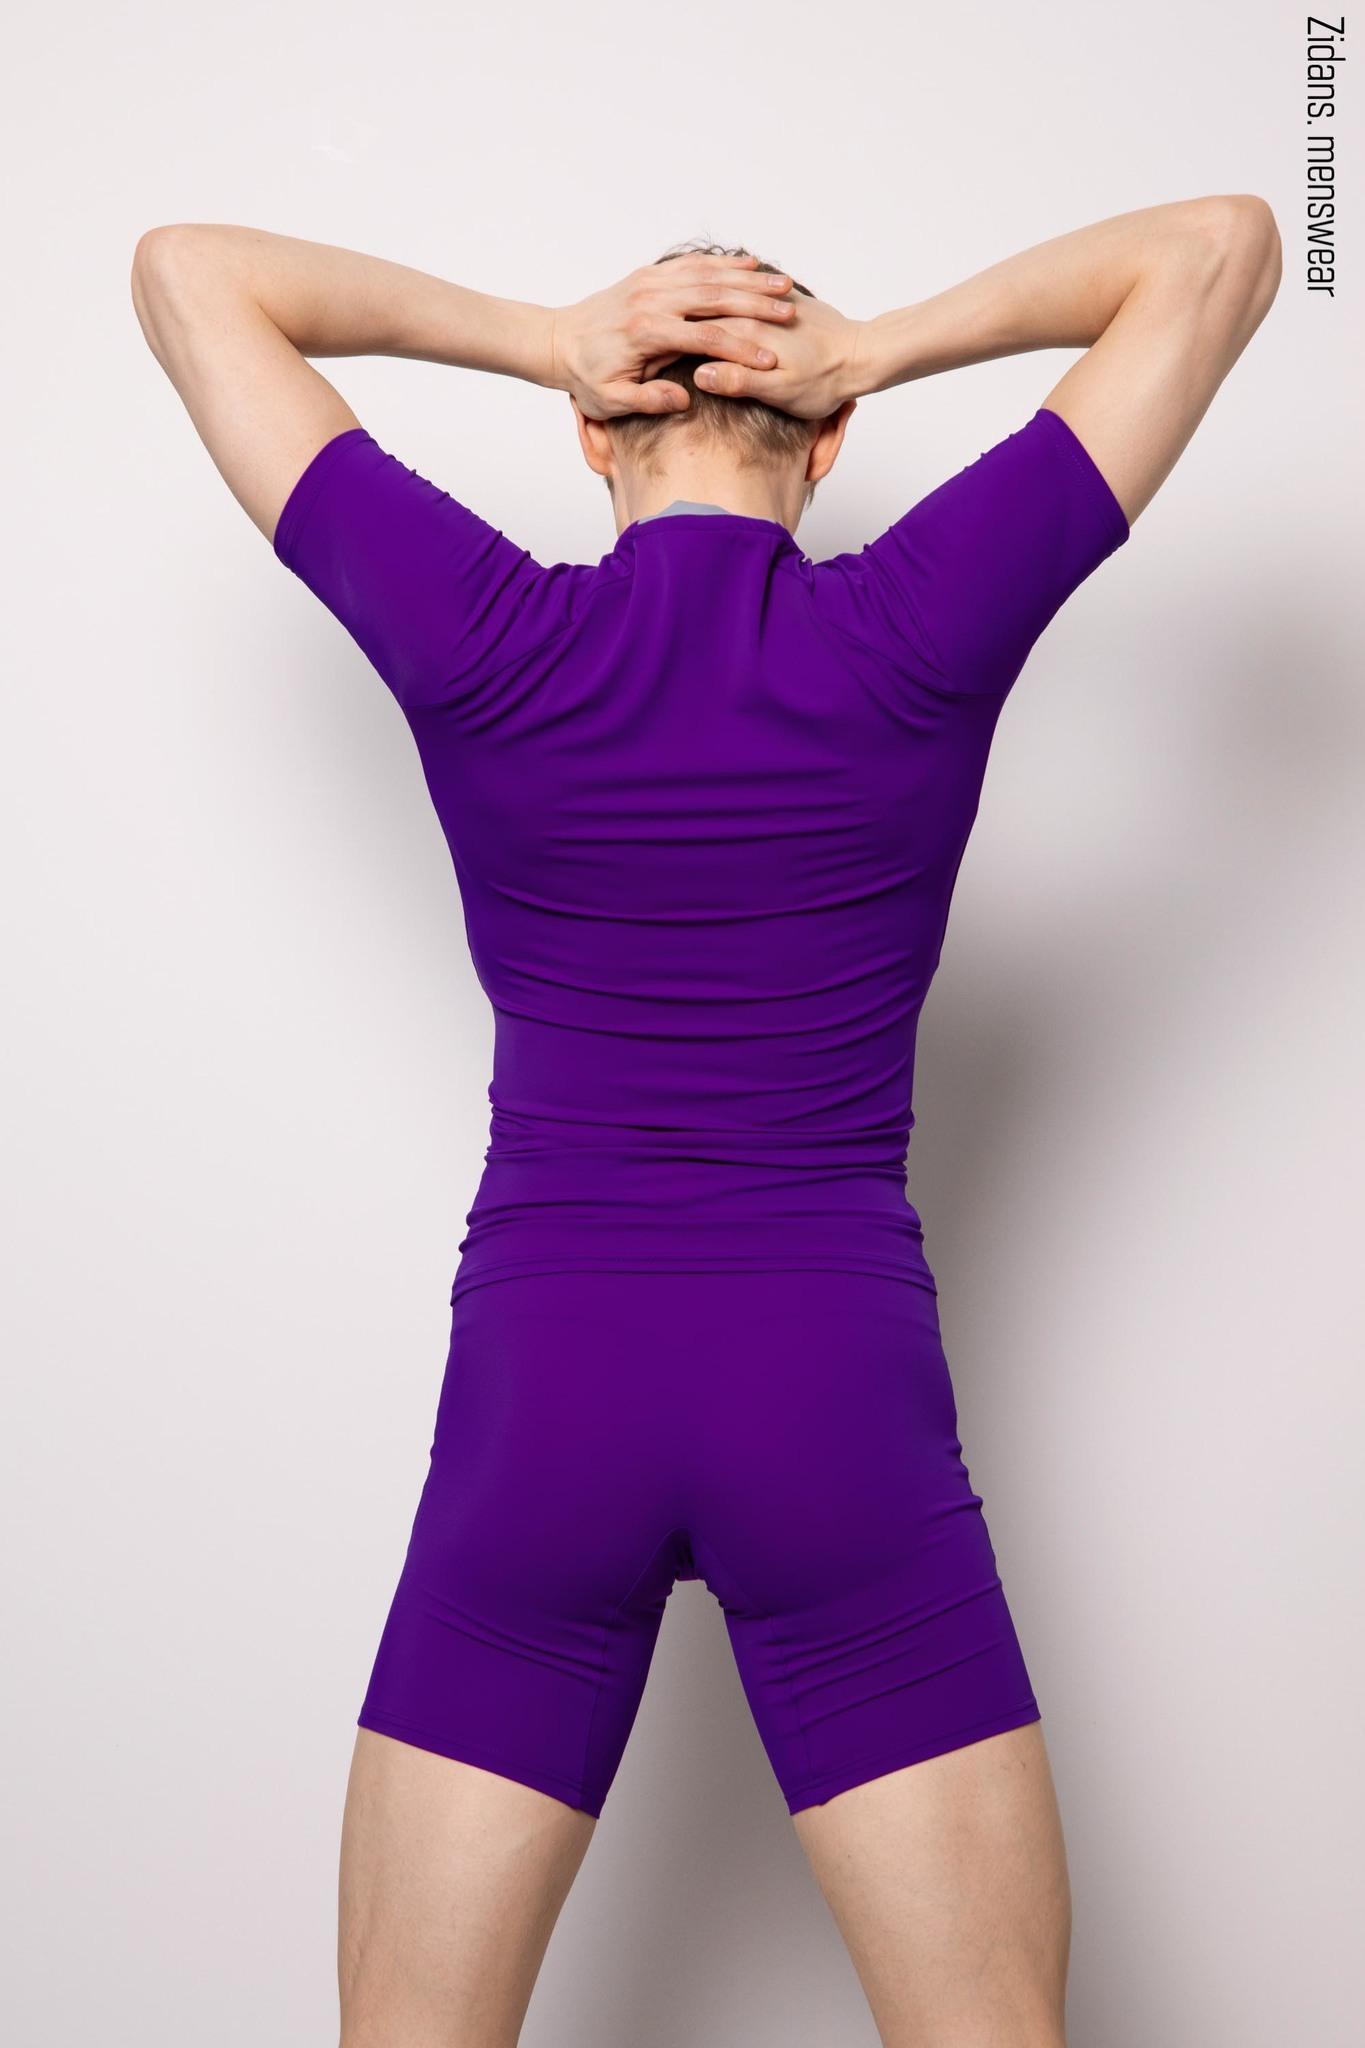 Футболка Рашгард | фиолетовый